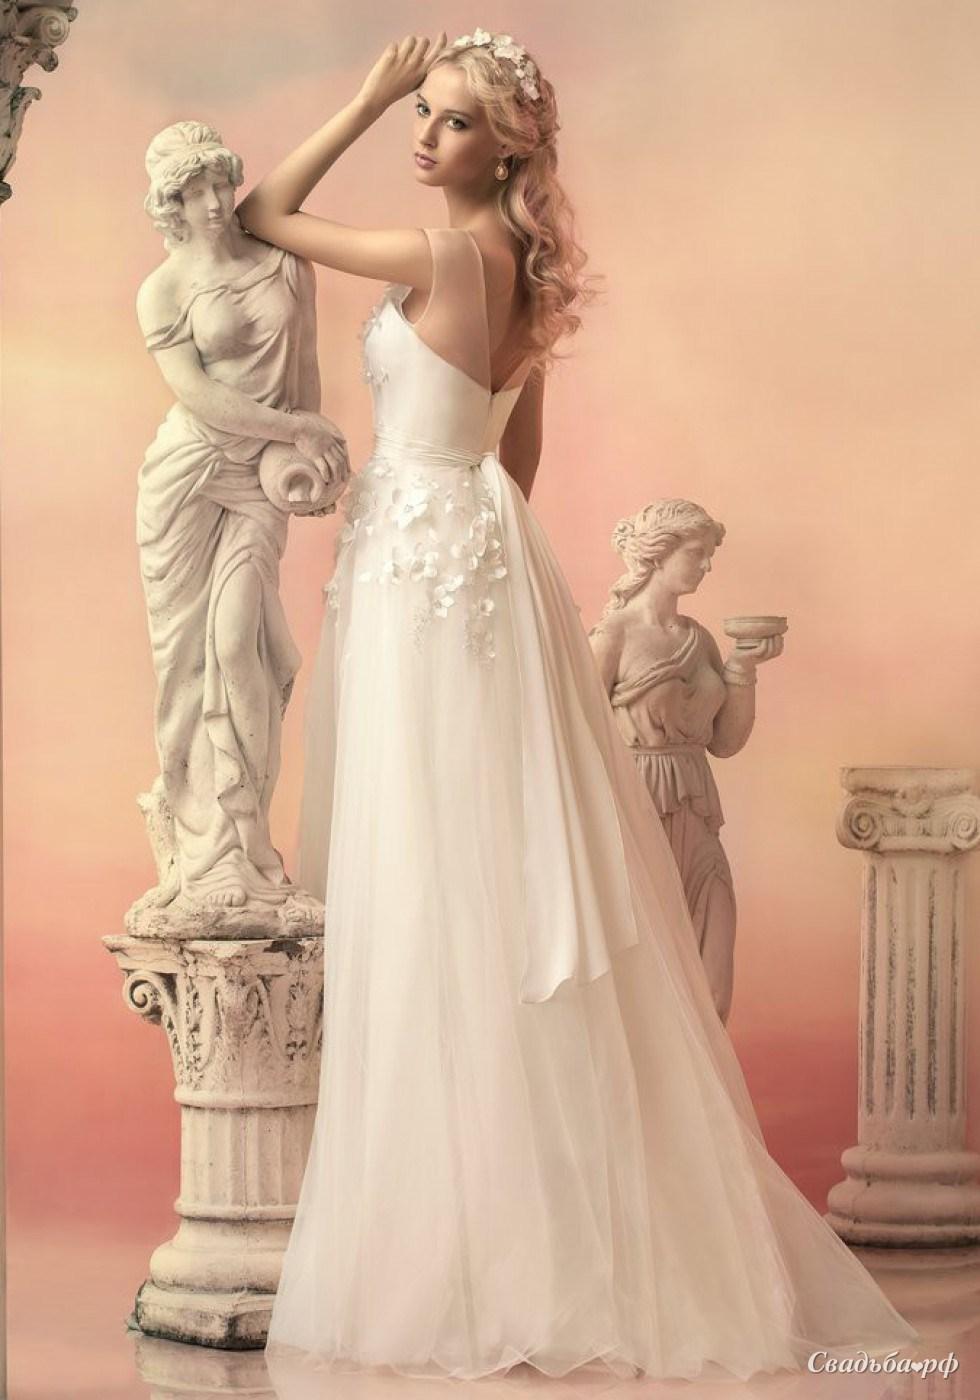 Купить свадебное платье Сусанна-Р193 (Papilio, коллекция Эллада